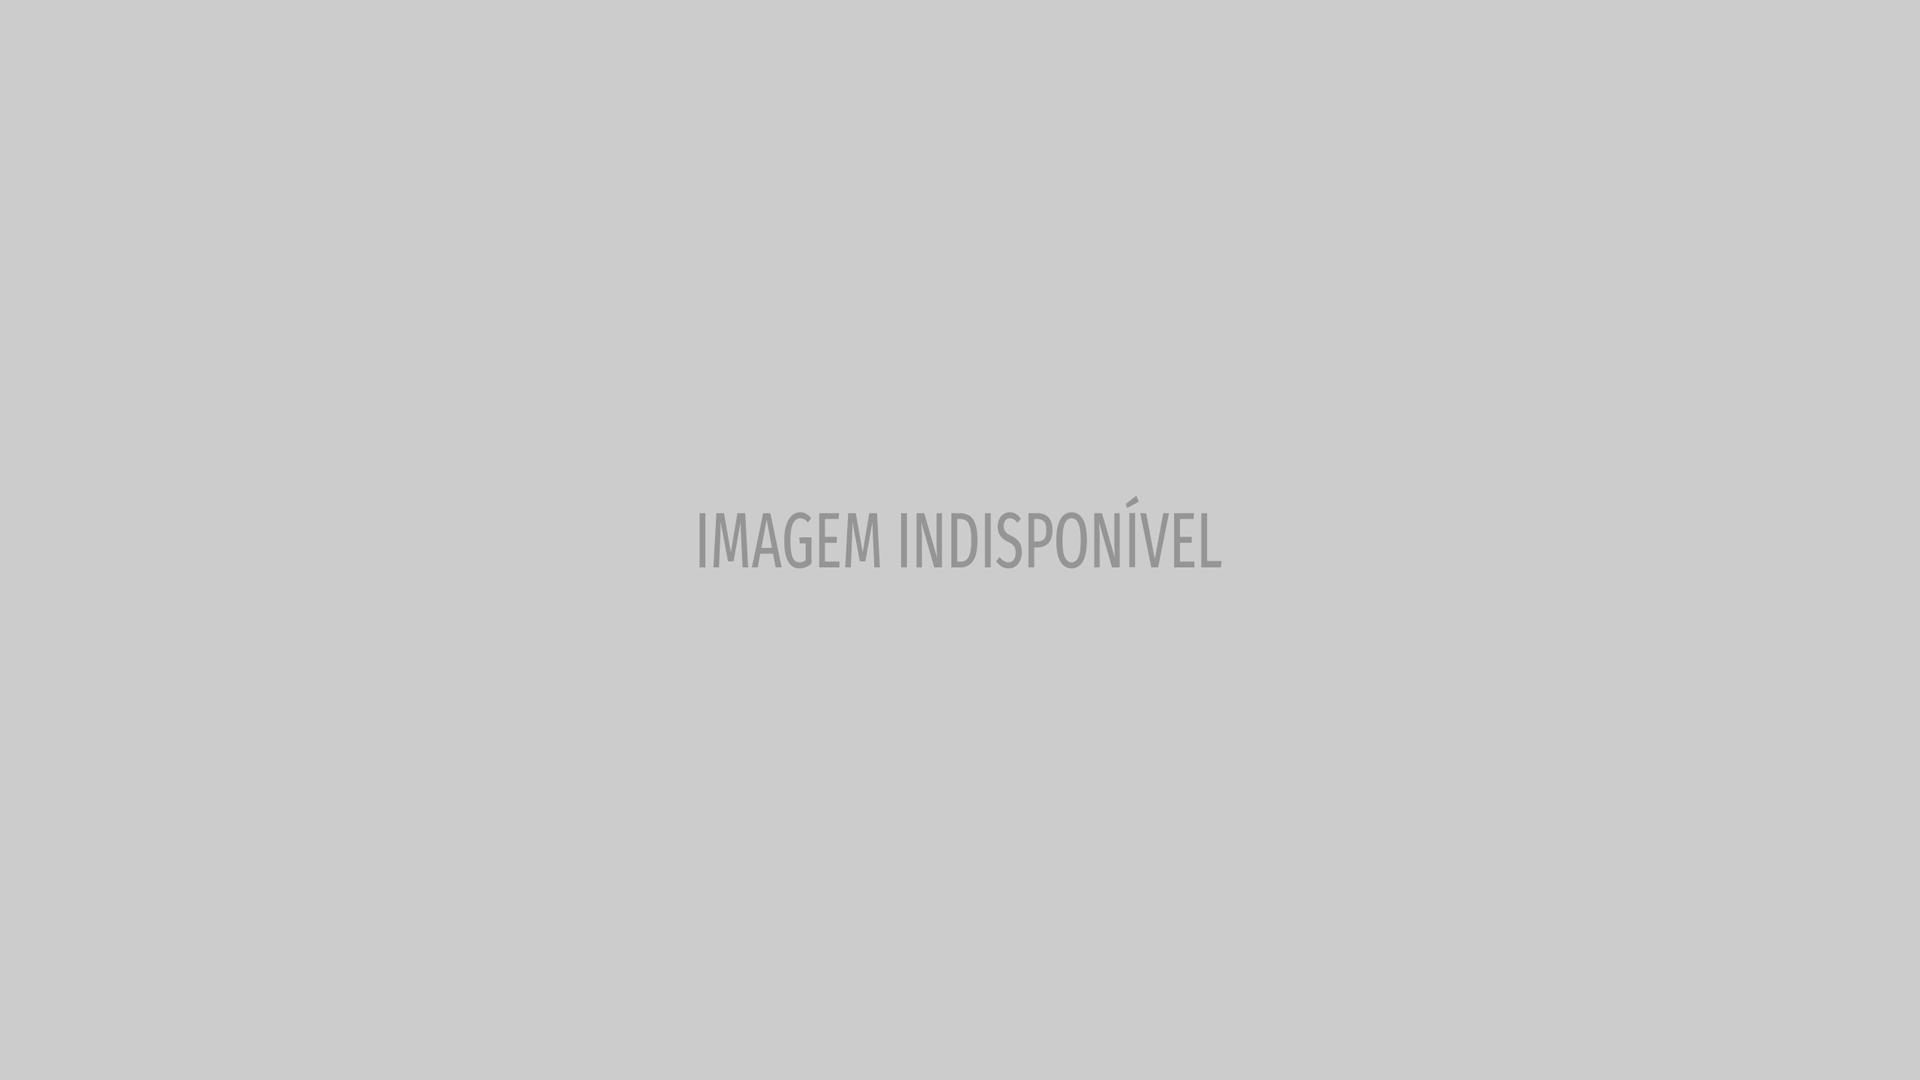 Leanna Bartlett: A beleza em estado puro